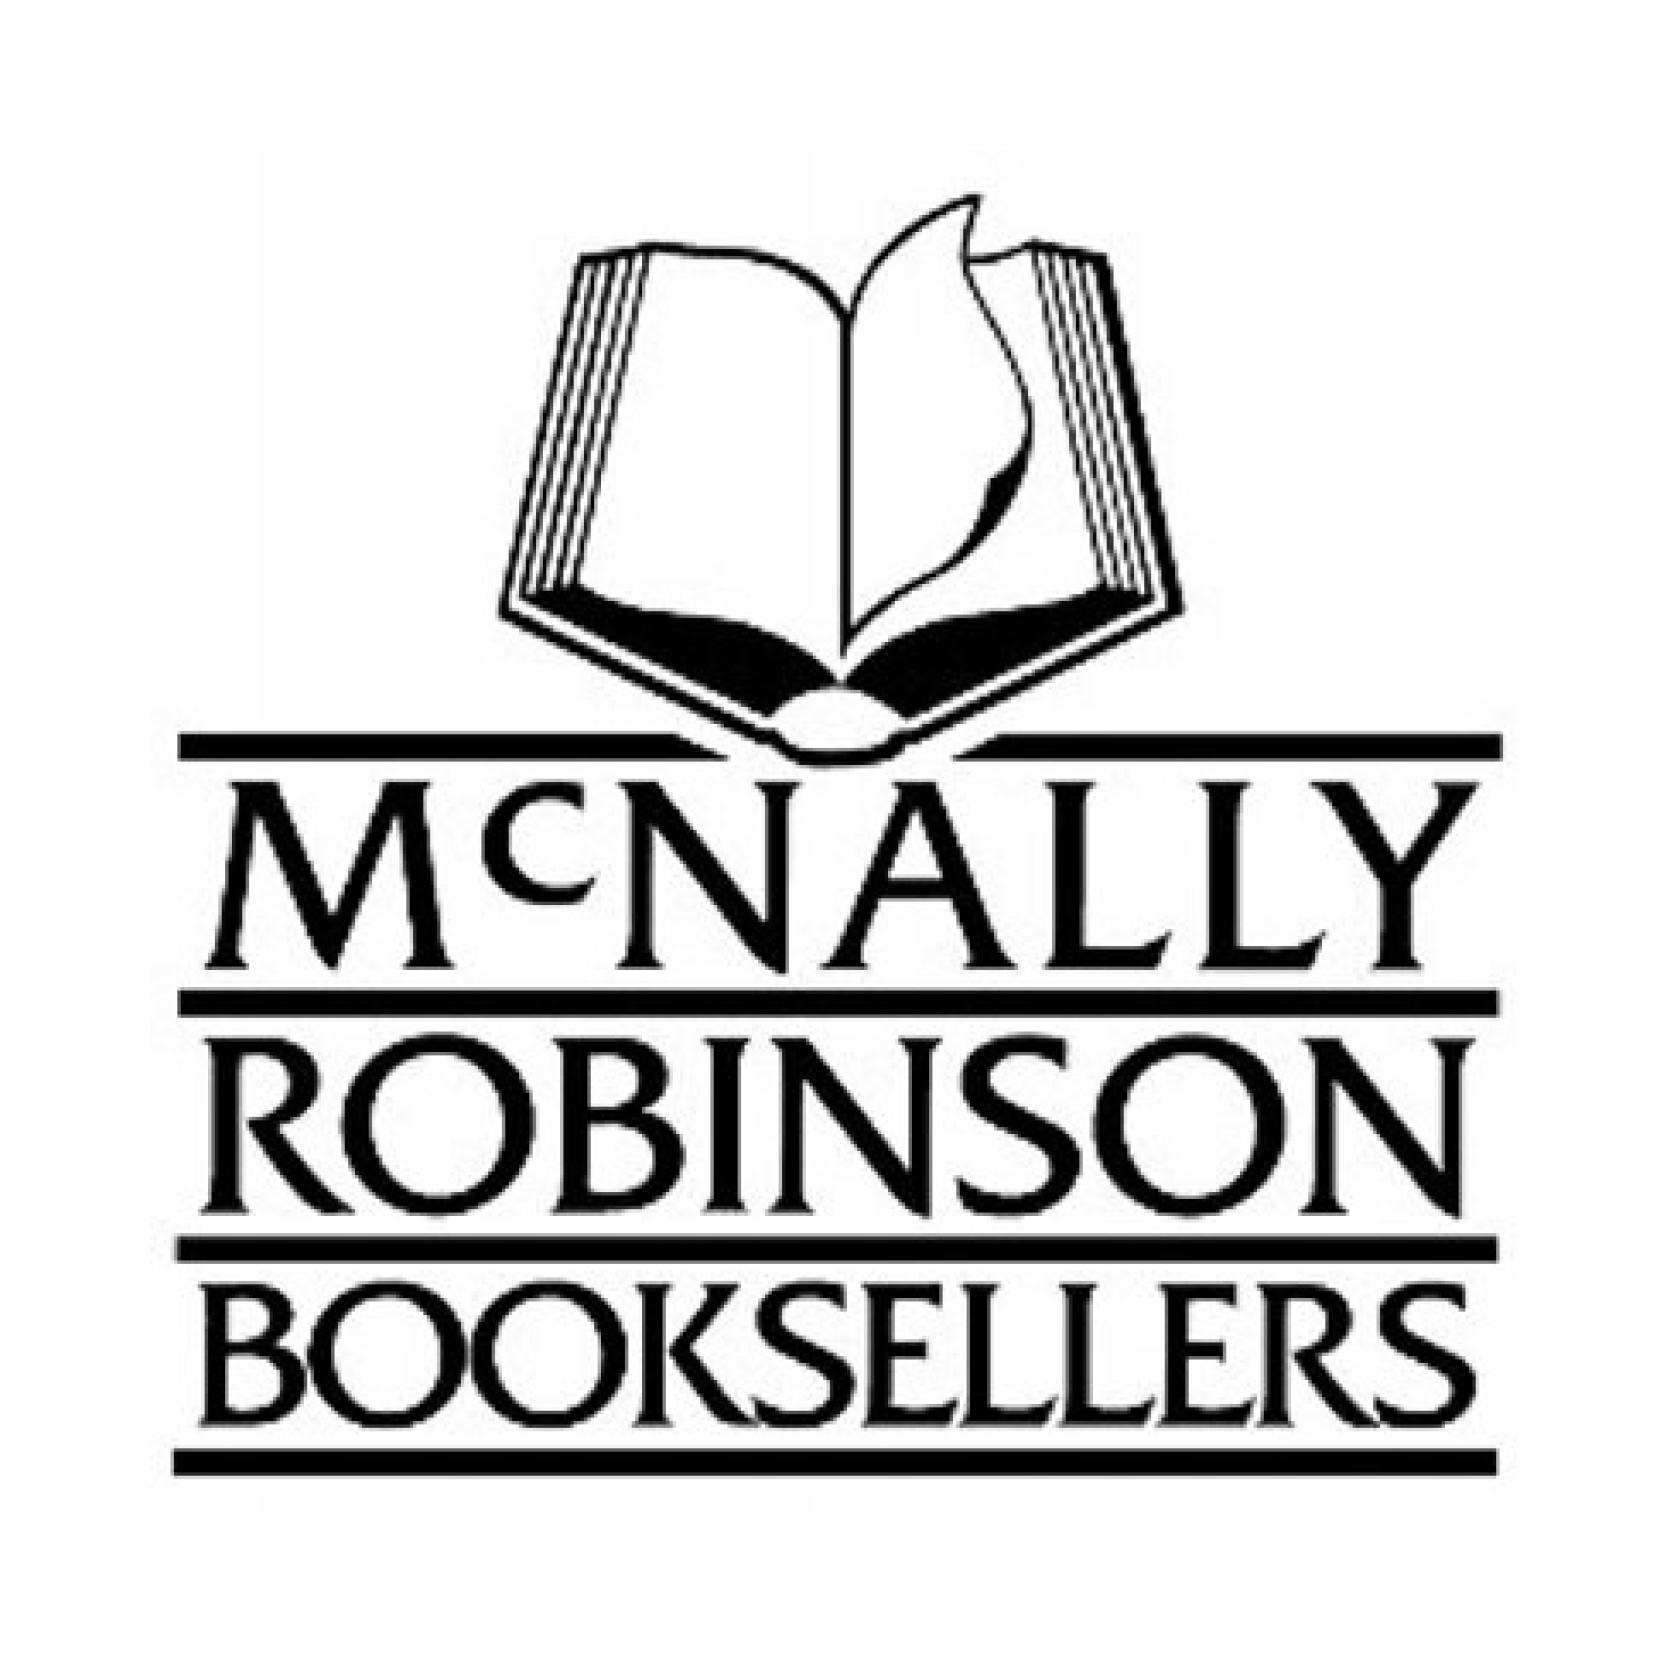 https://www.mcnallyrobinson.com/home